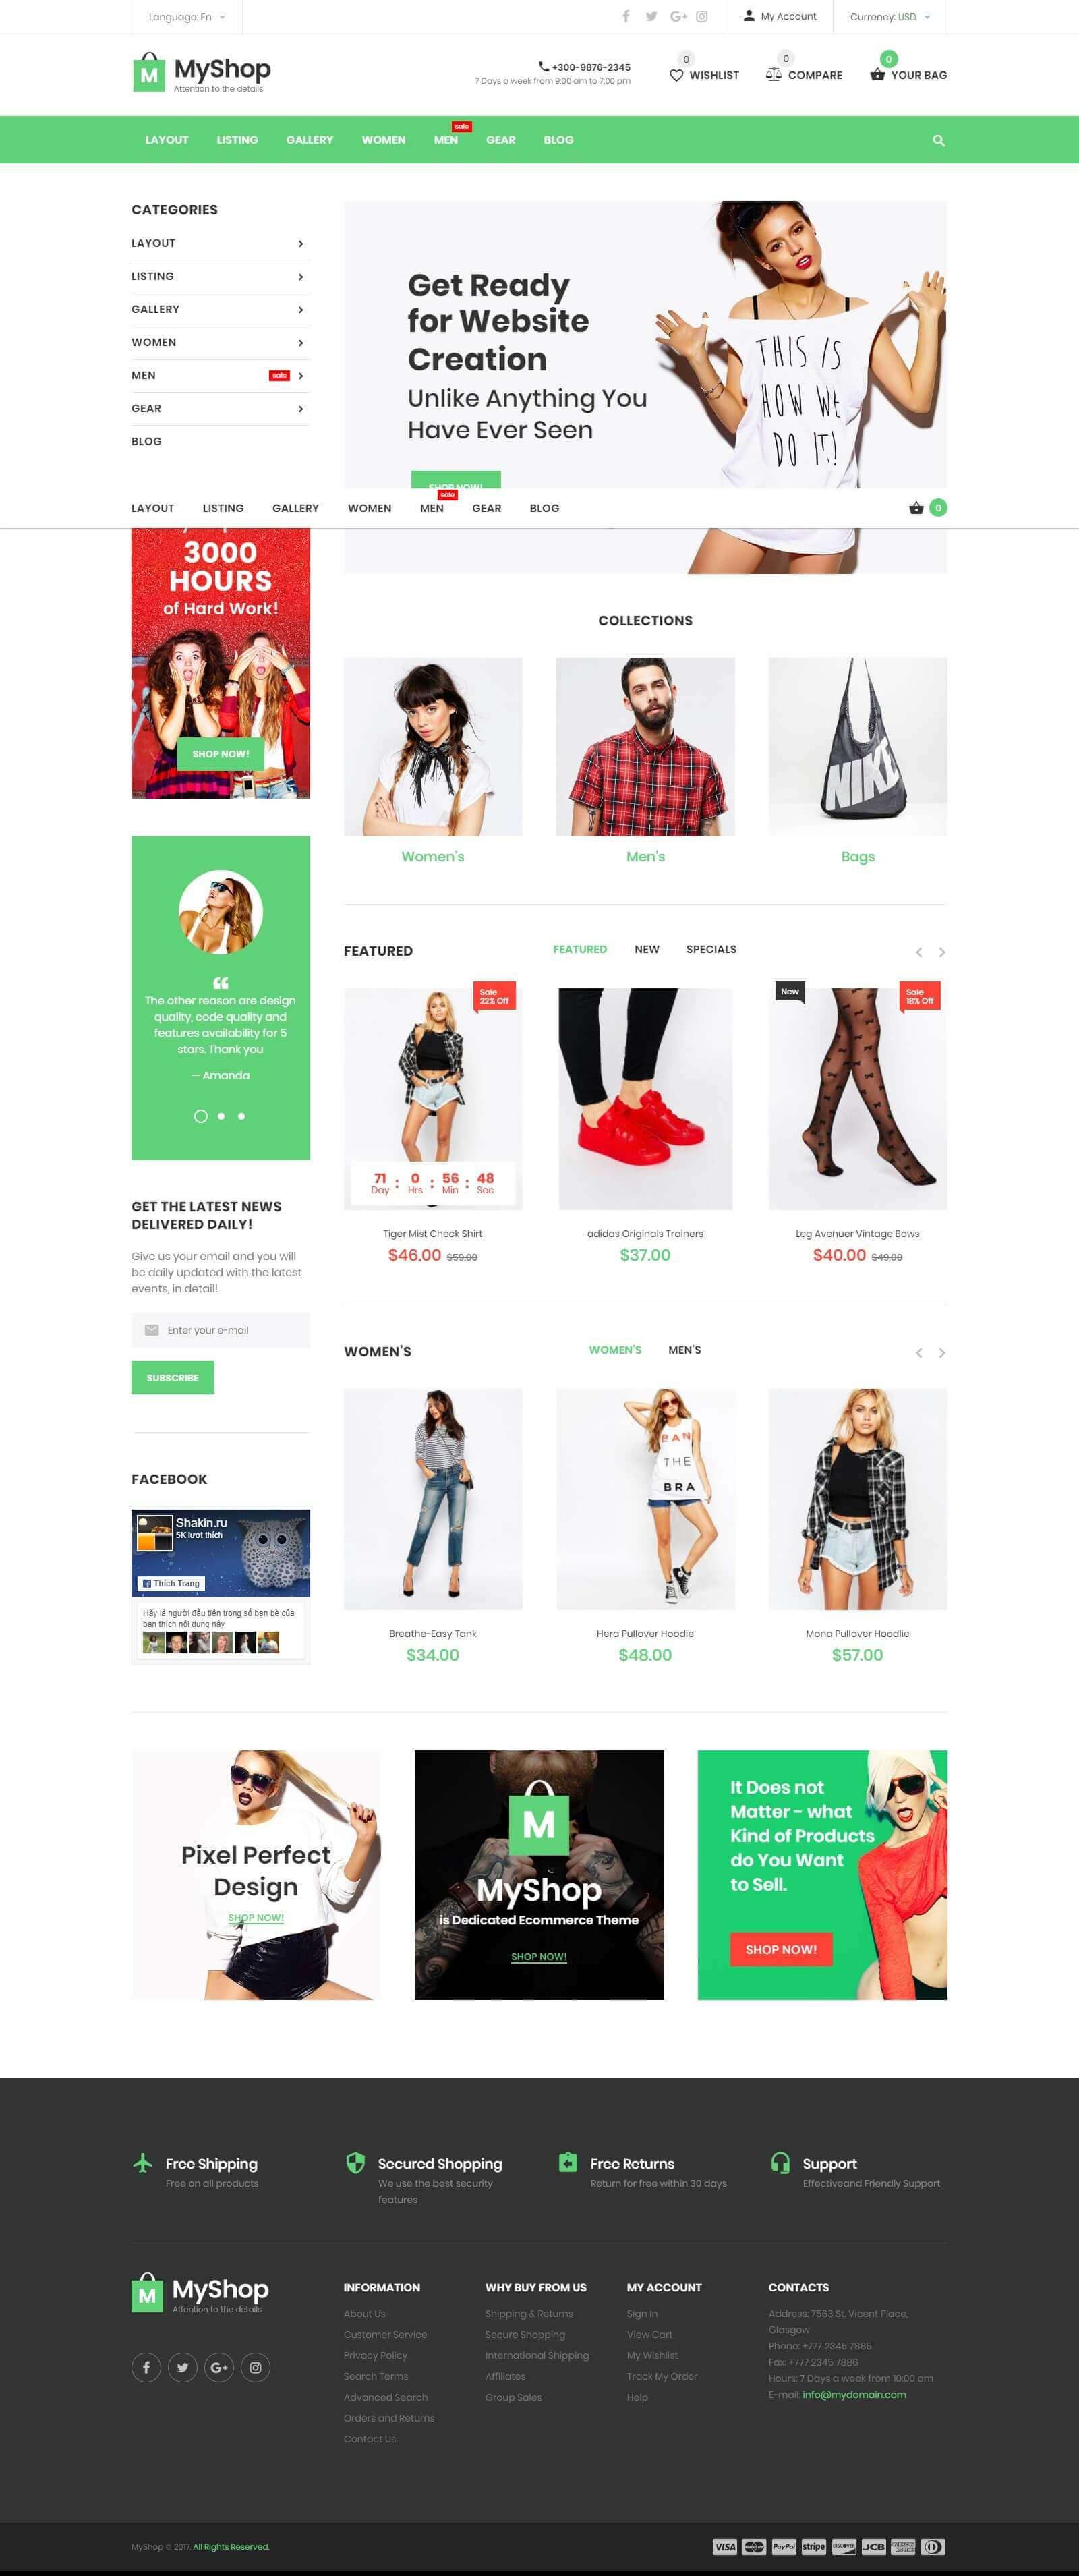 Mẫu website bán giày dép đẹp, chuẩn seo